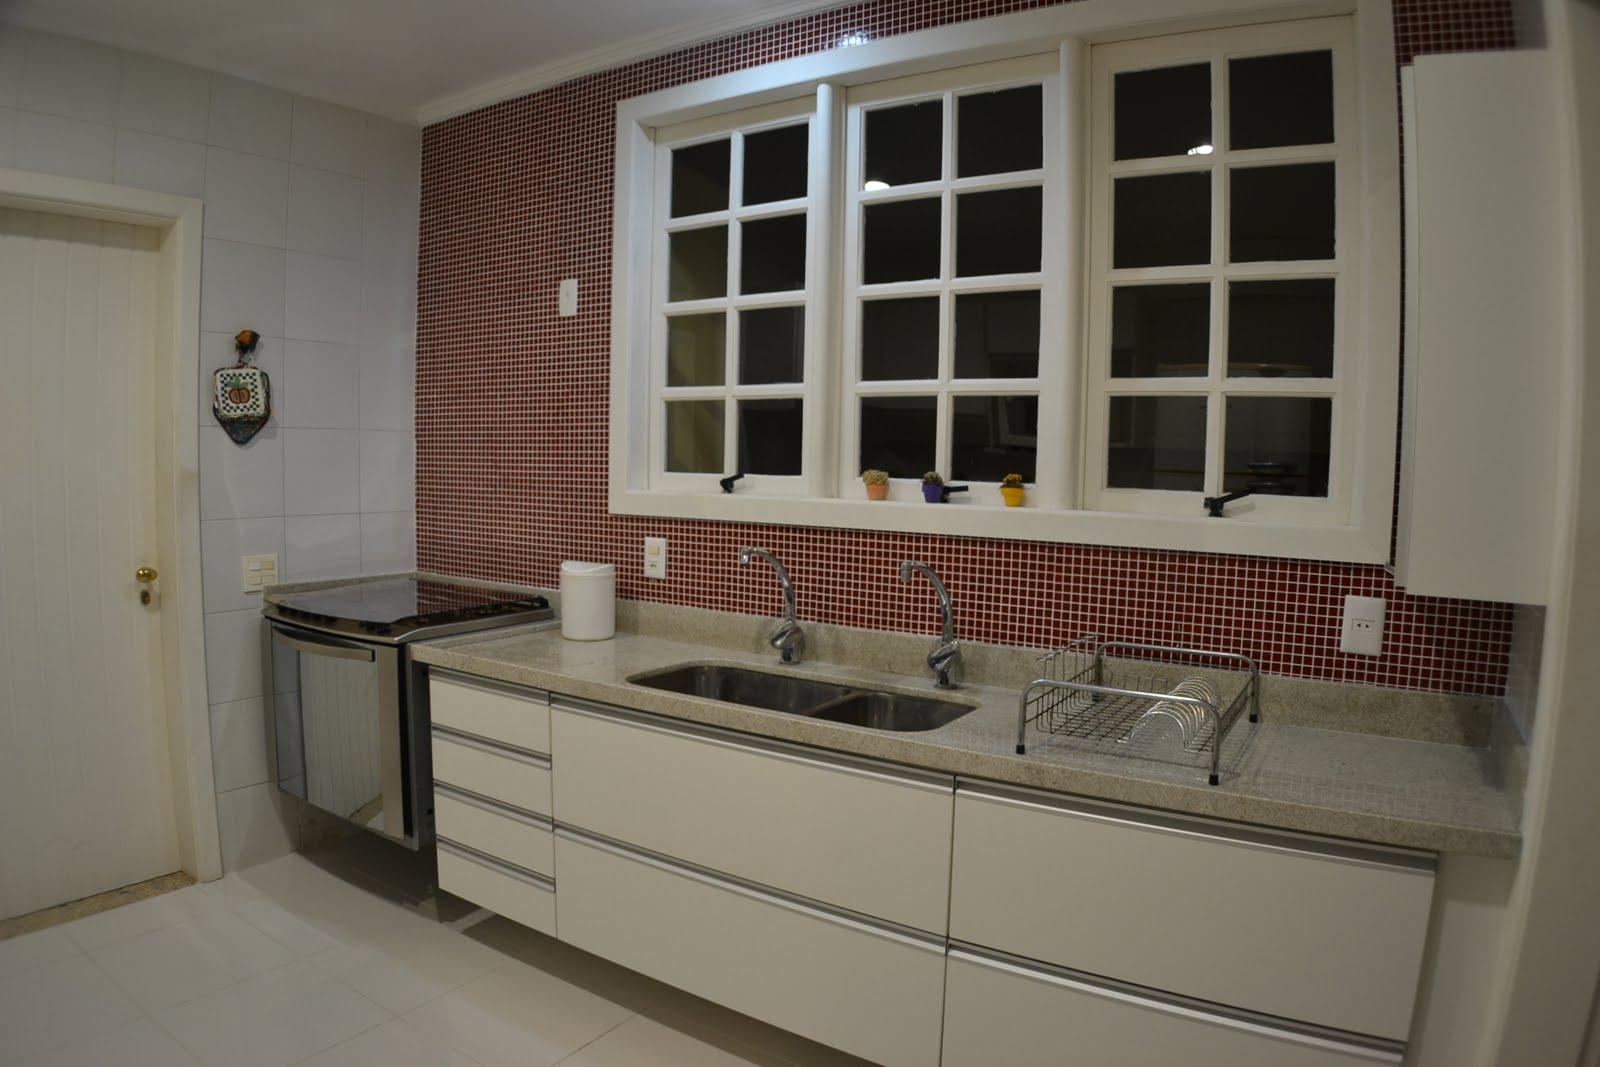 #604639 Cozinha é o ambiente mais novo da casa. Reformamos à nove meses 1600x1067 px Casas Bahia Armario De Cozinha Bertolini_2923 Imagens